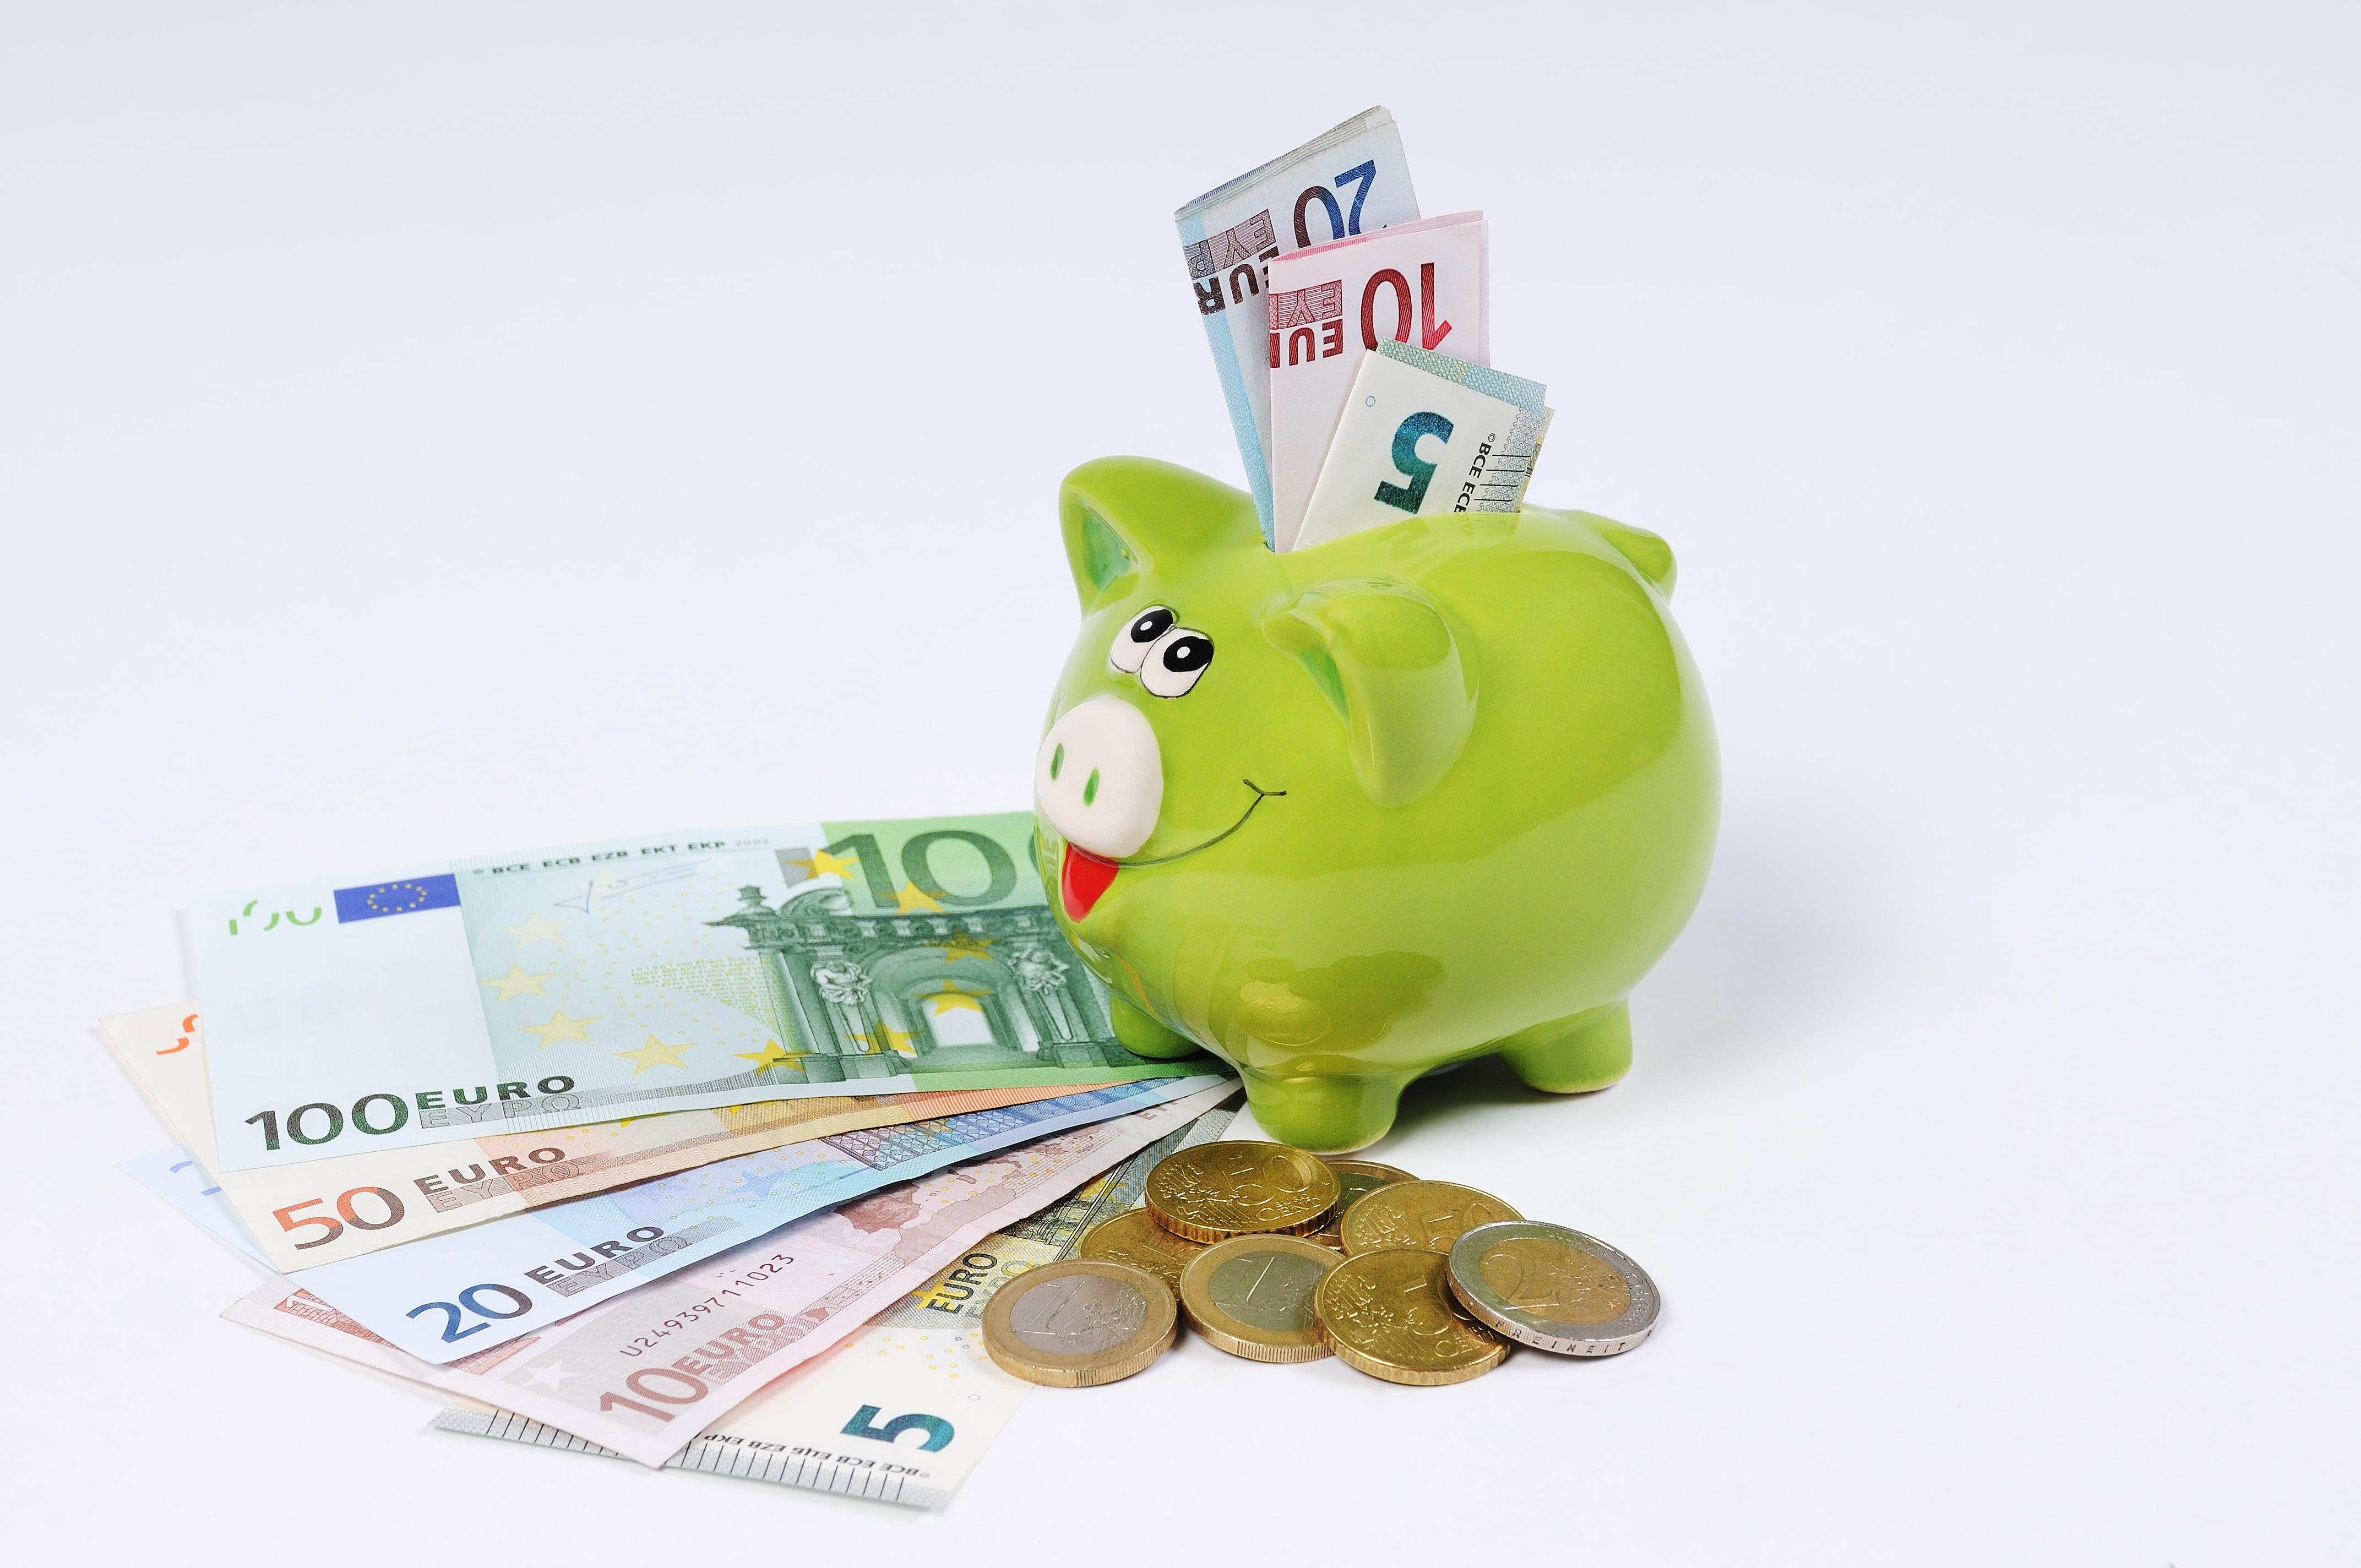 prestamistas en Viladecans particulares y privados